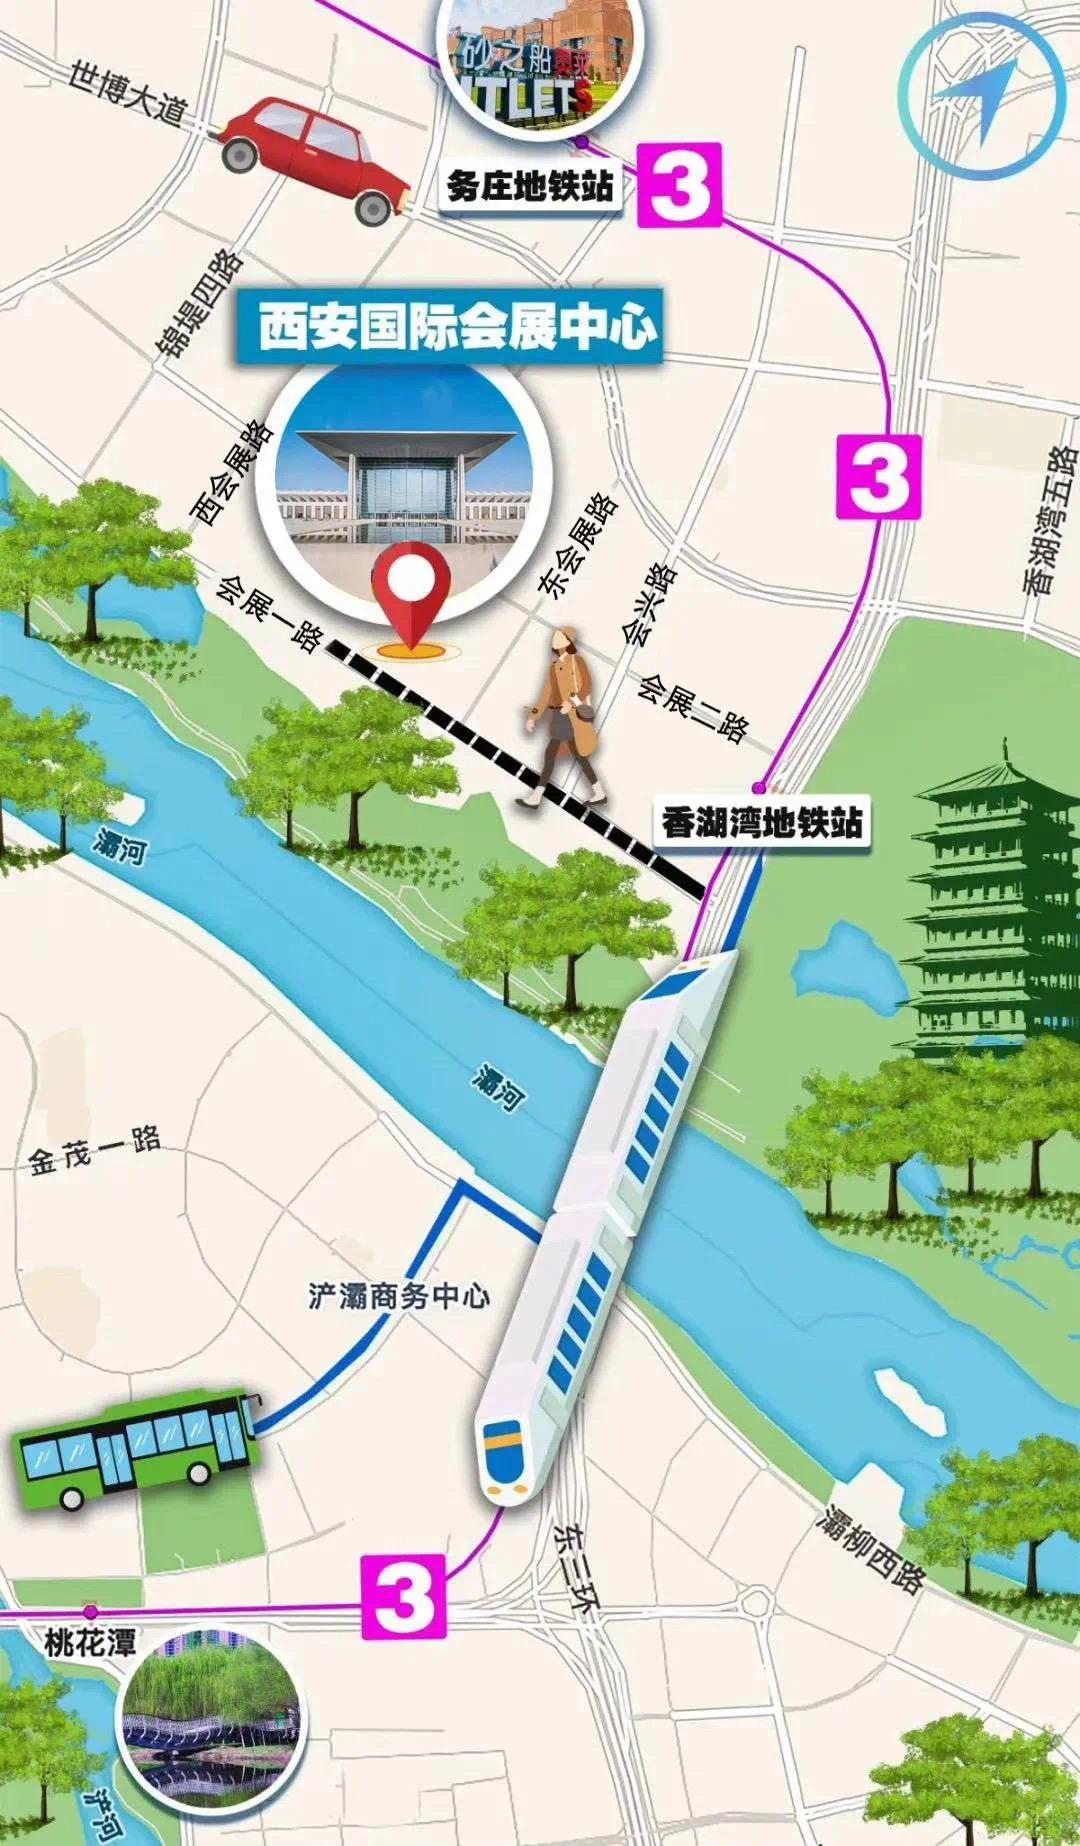 陕西酒店旅游业的行业盛会即将绽放